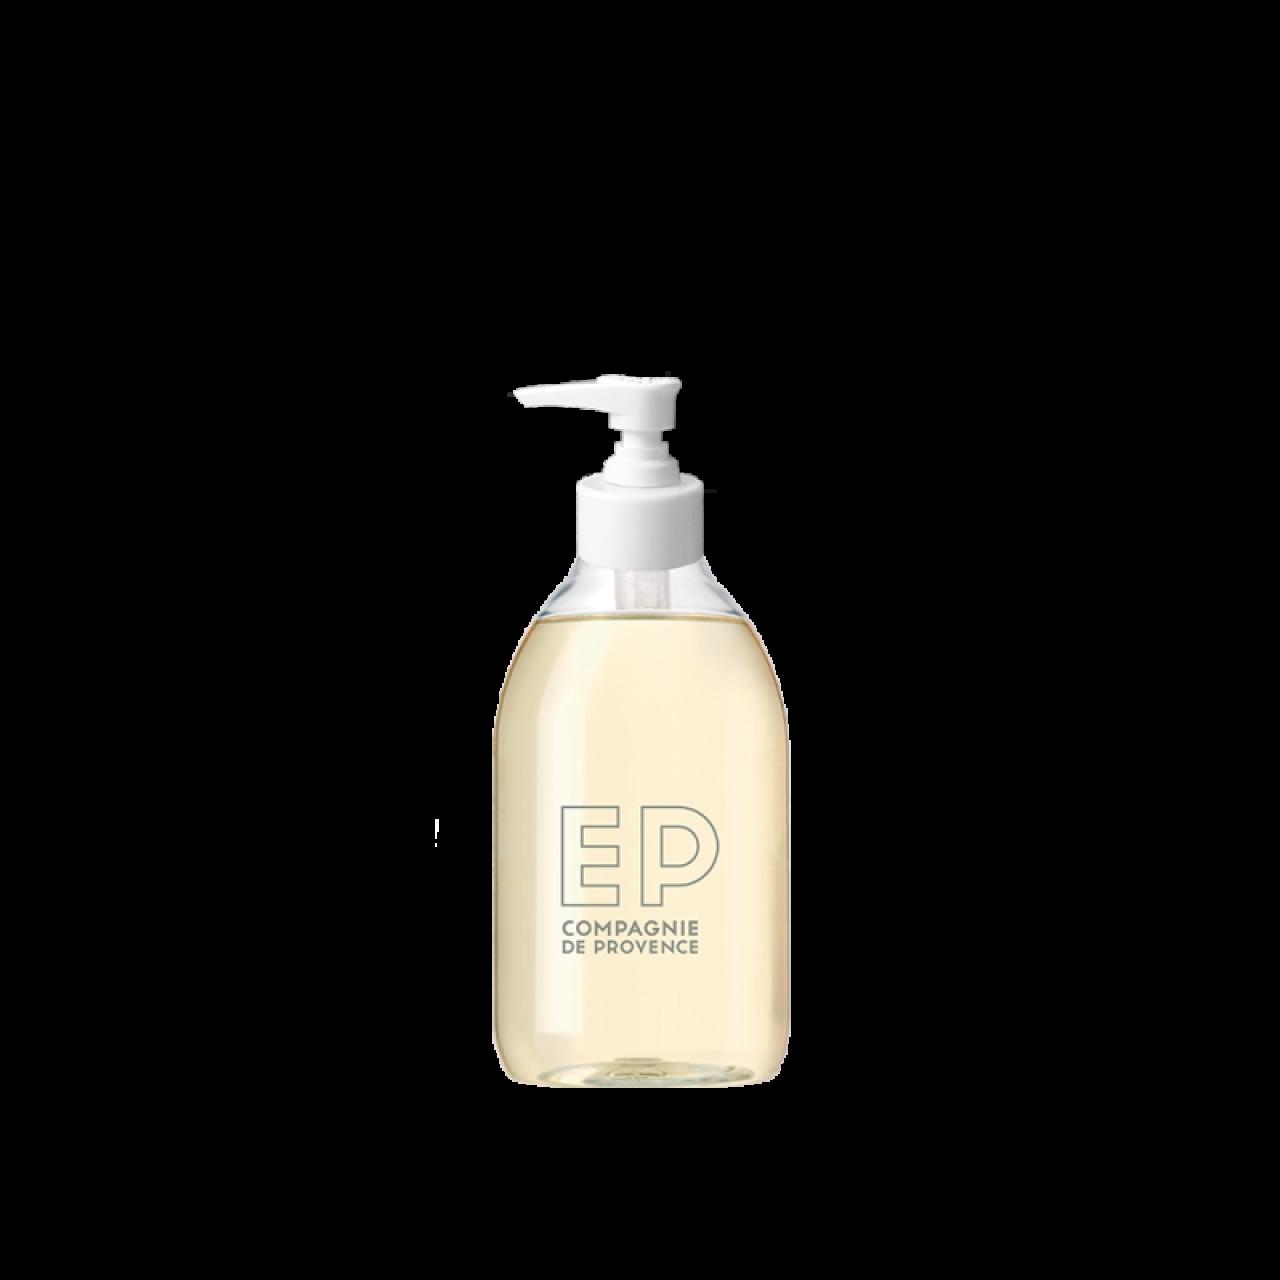 Sapone Liquido di Marsiglia al Legno dUlivo 300 ml Compagnie de Provence Italia CPPF0101SL300BO-01